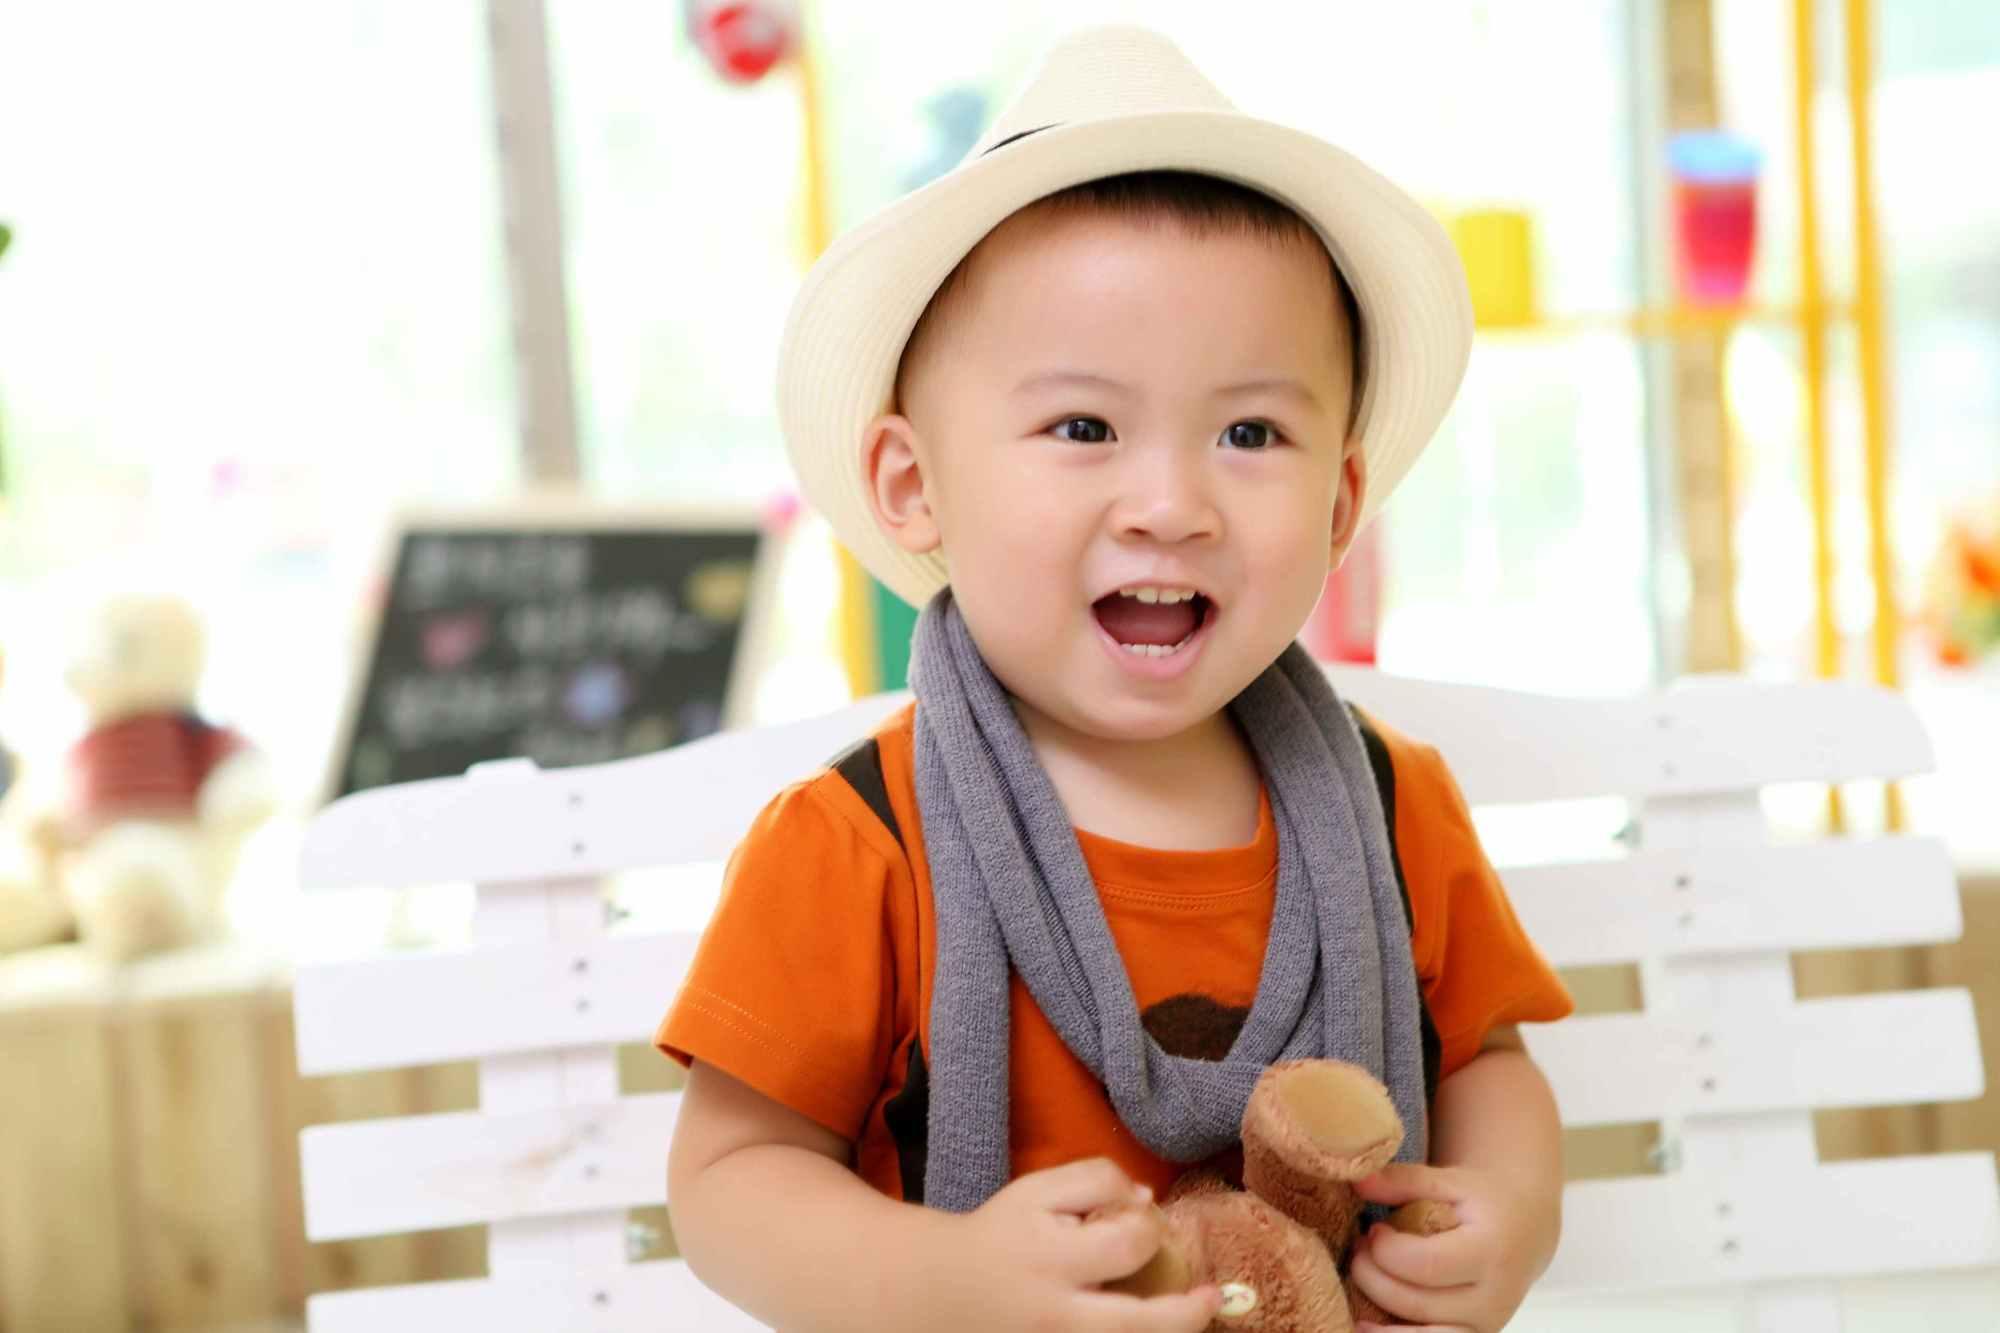 国内试管婴儿生女孩三代泰国试管婴儿选性别生男孩